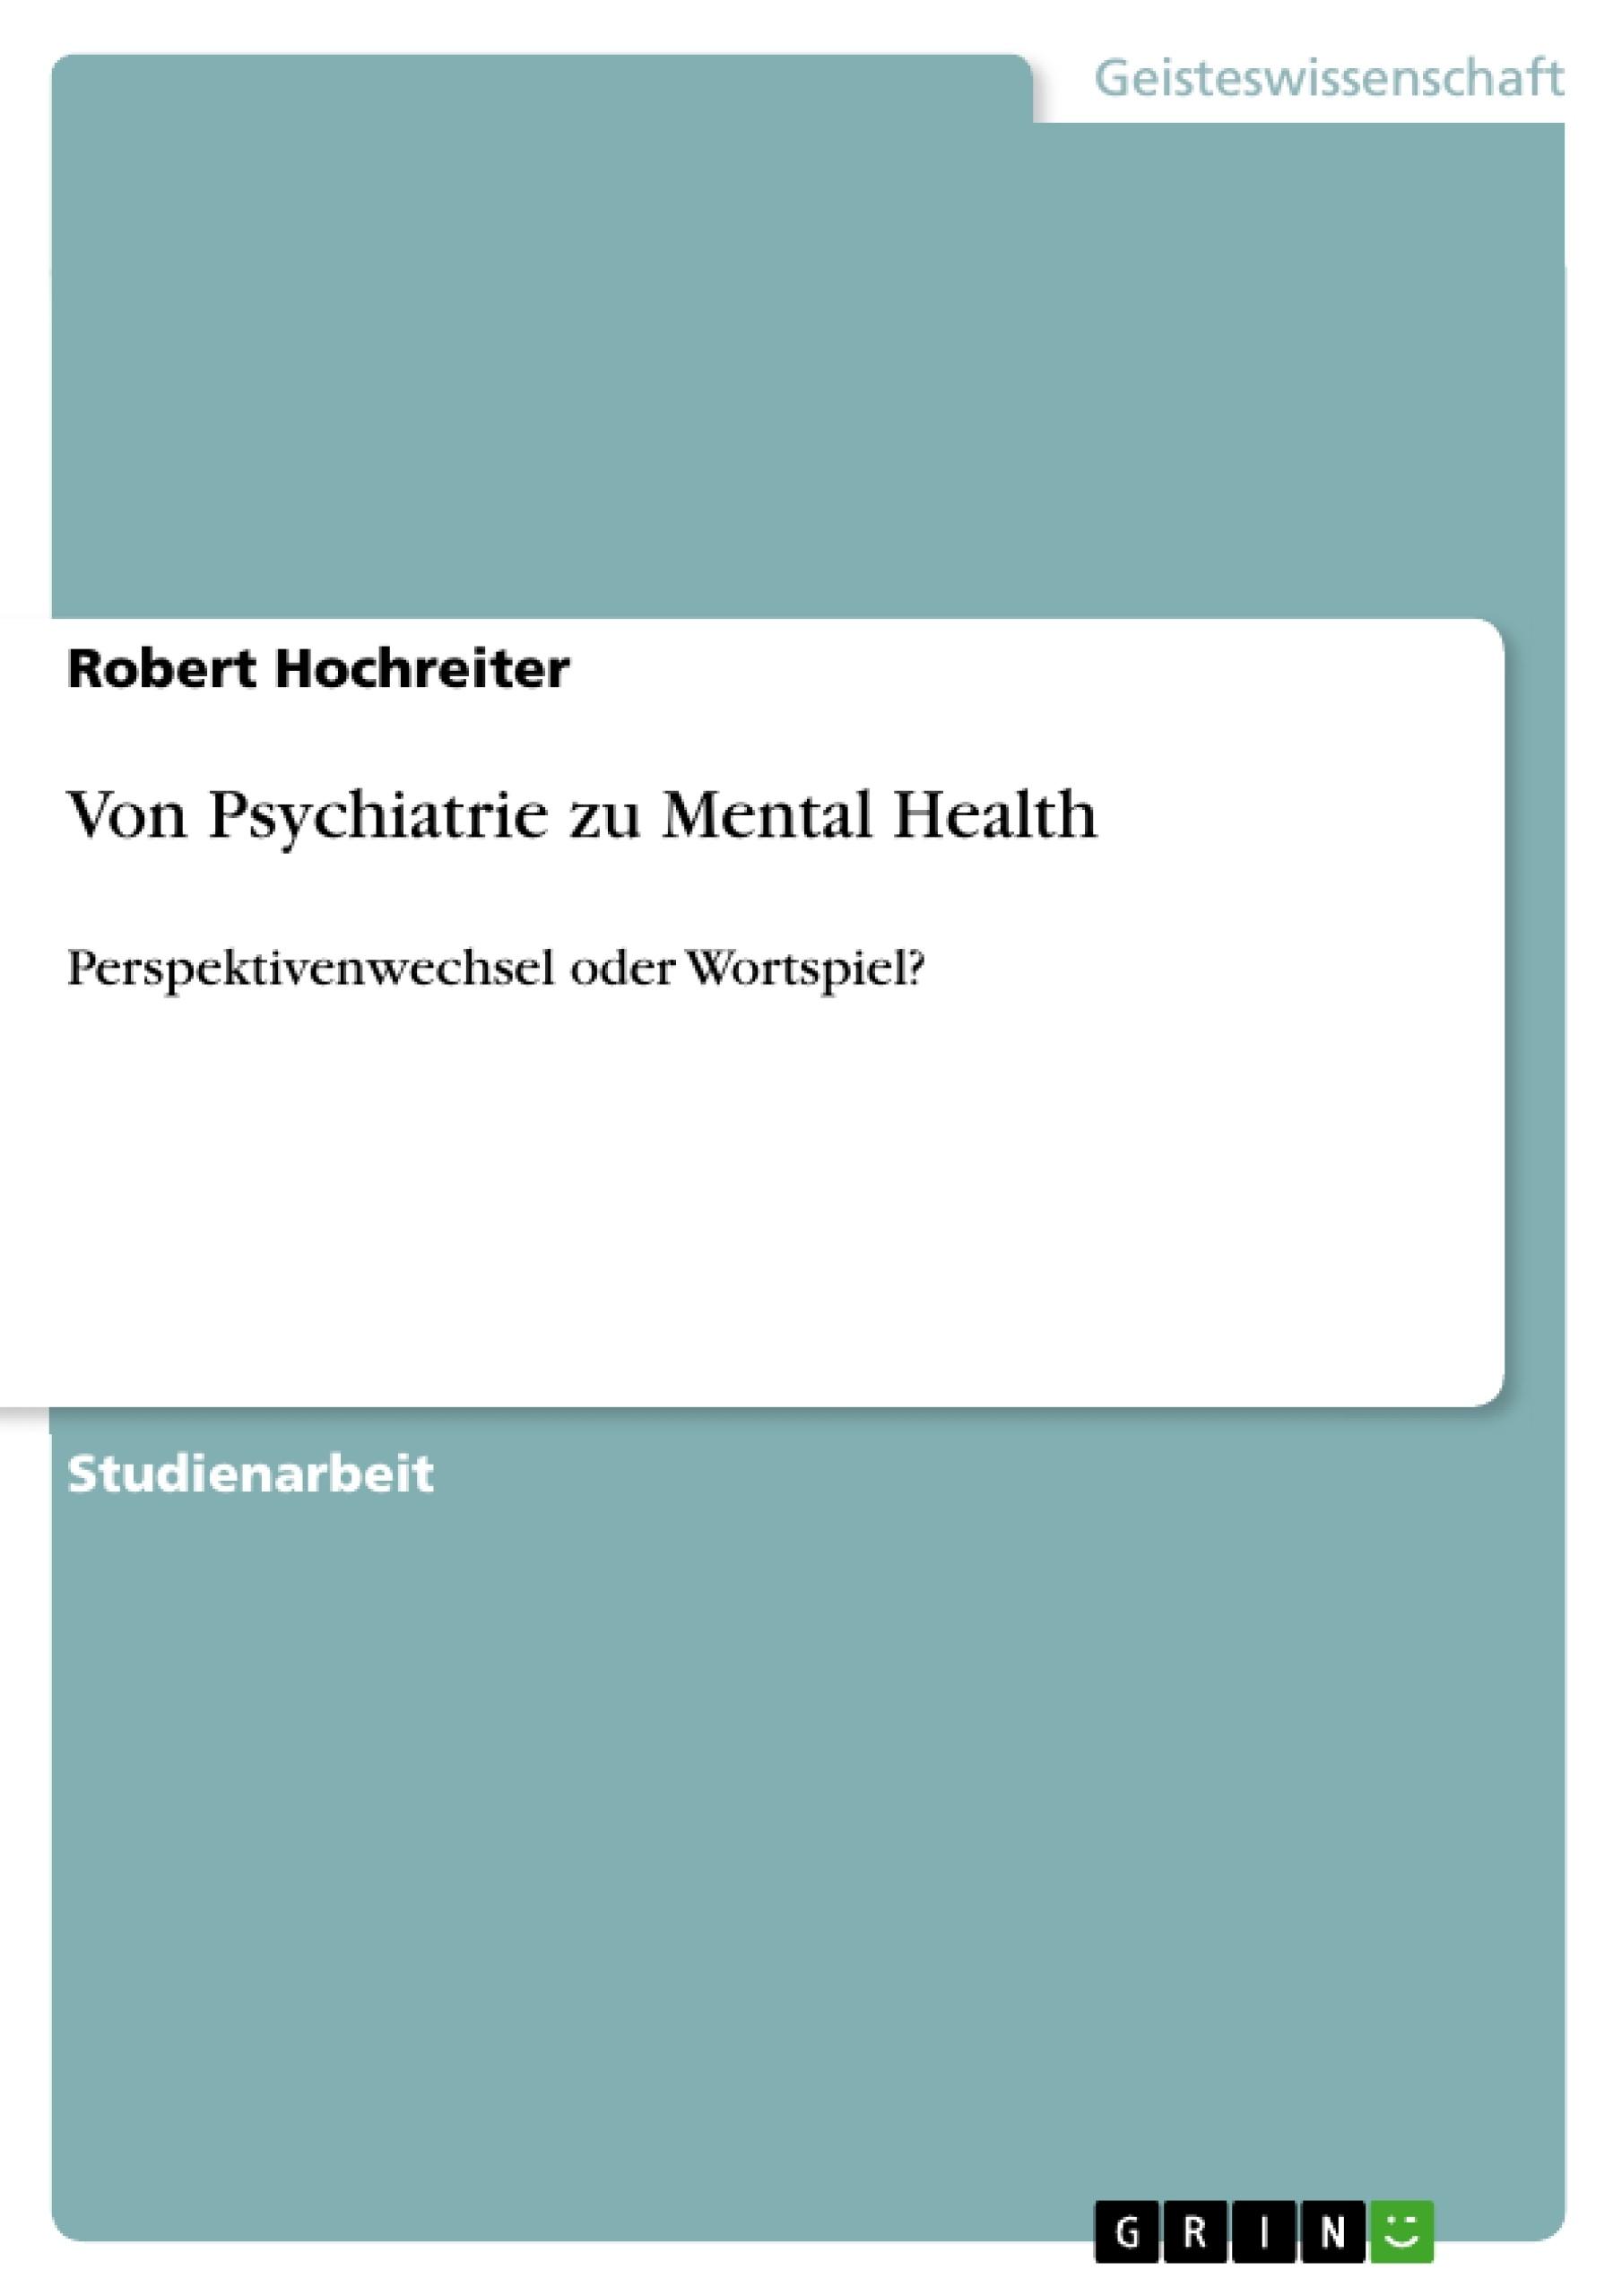 Titel: Von Psychiatrie zu Mental Health